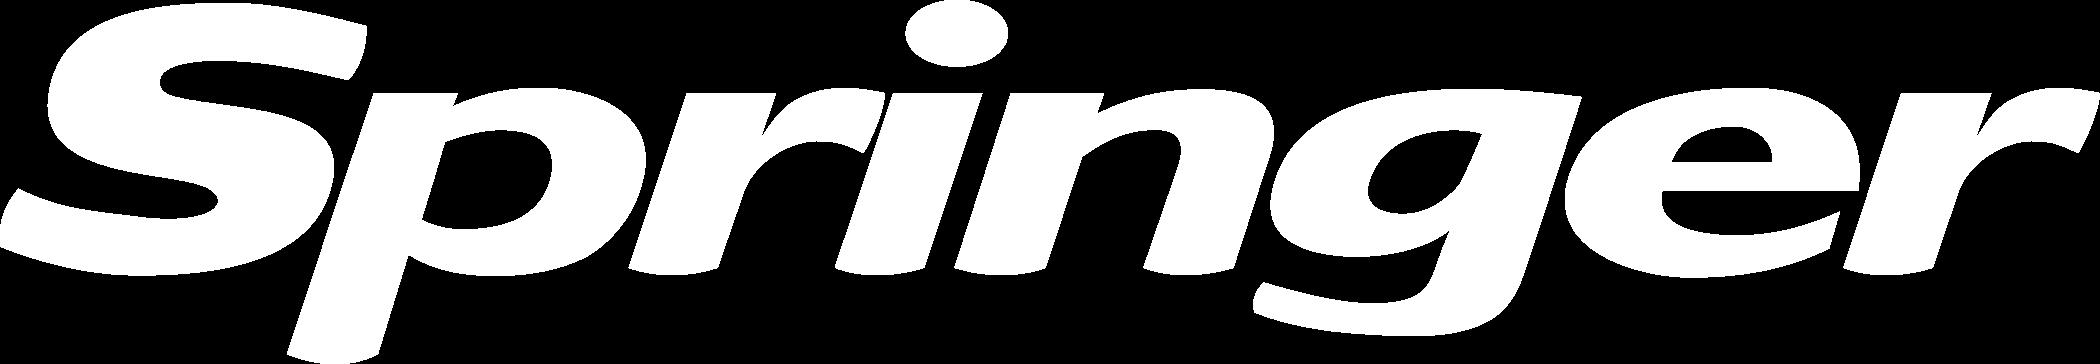 springer logo 6 - Springer Logo